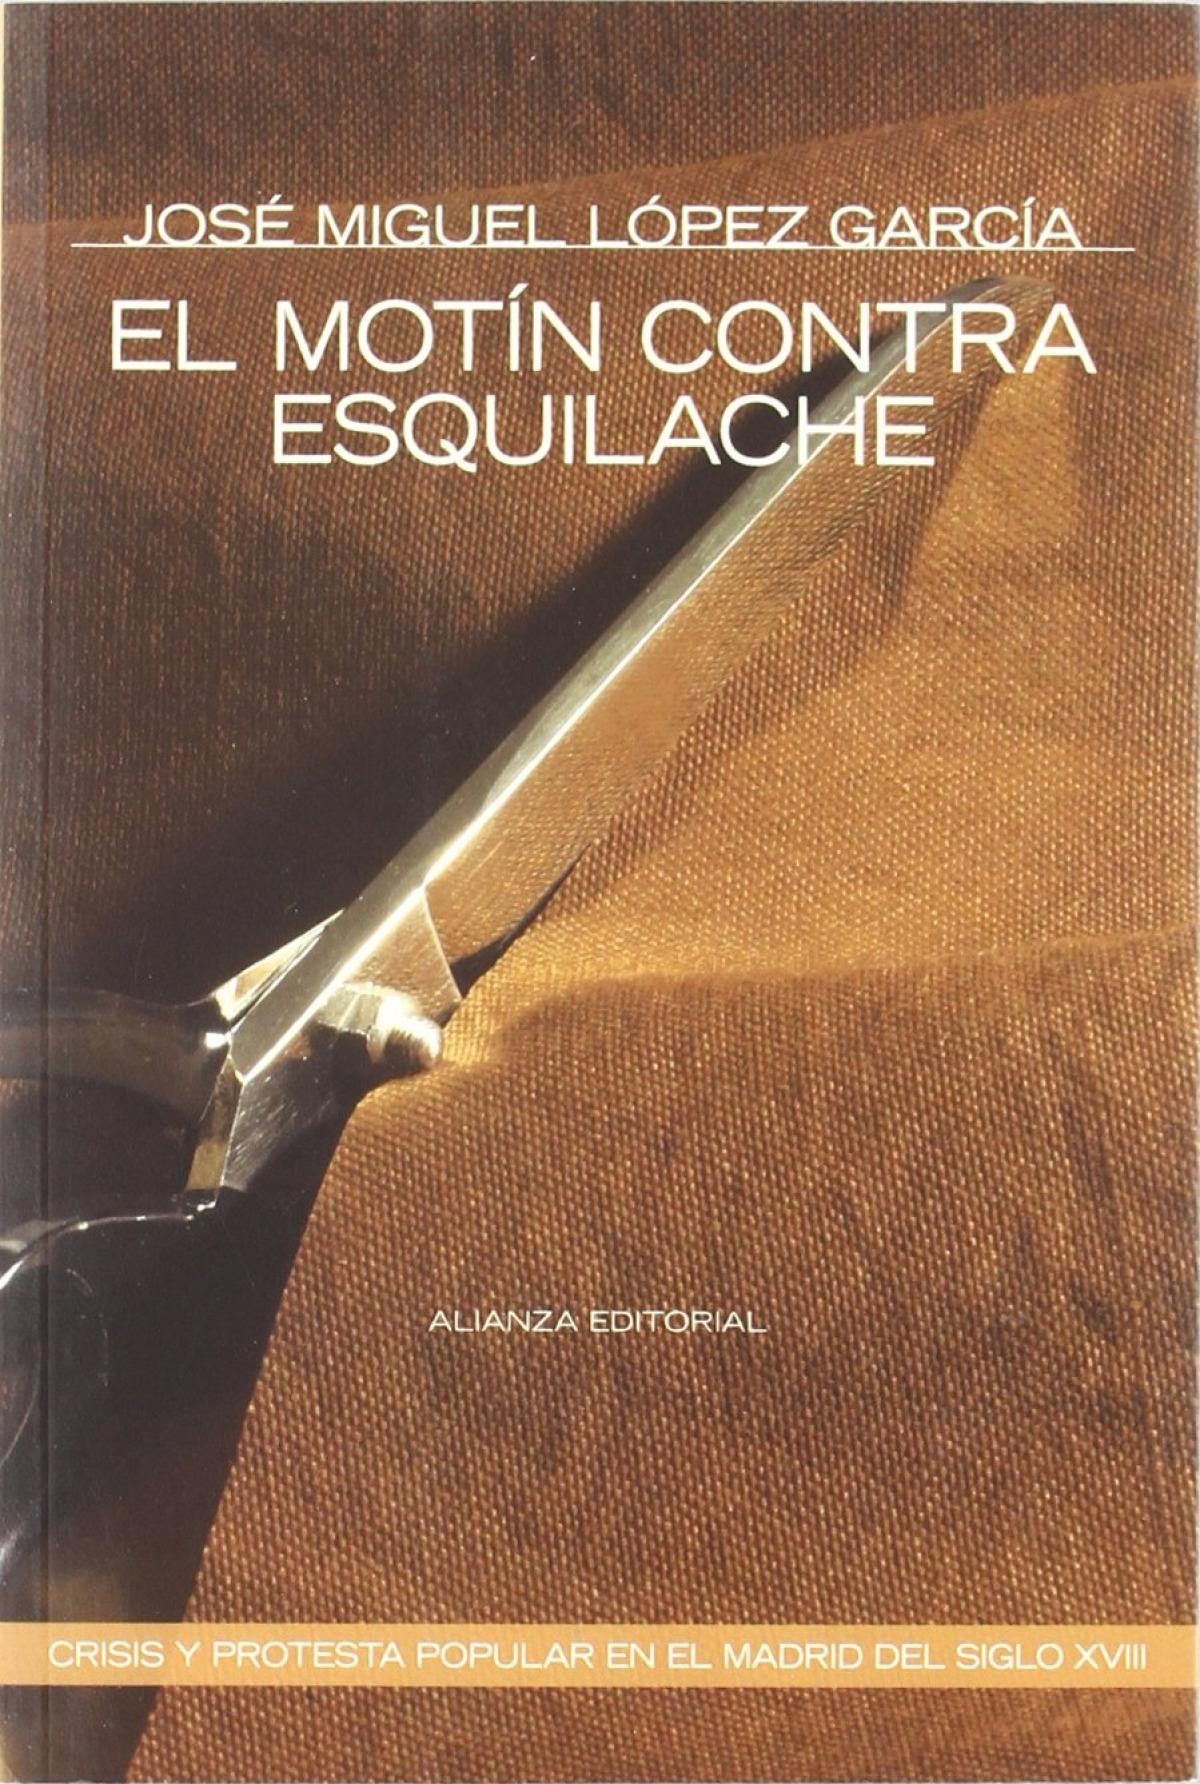 El motin contra esquilache 9788420647937